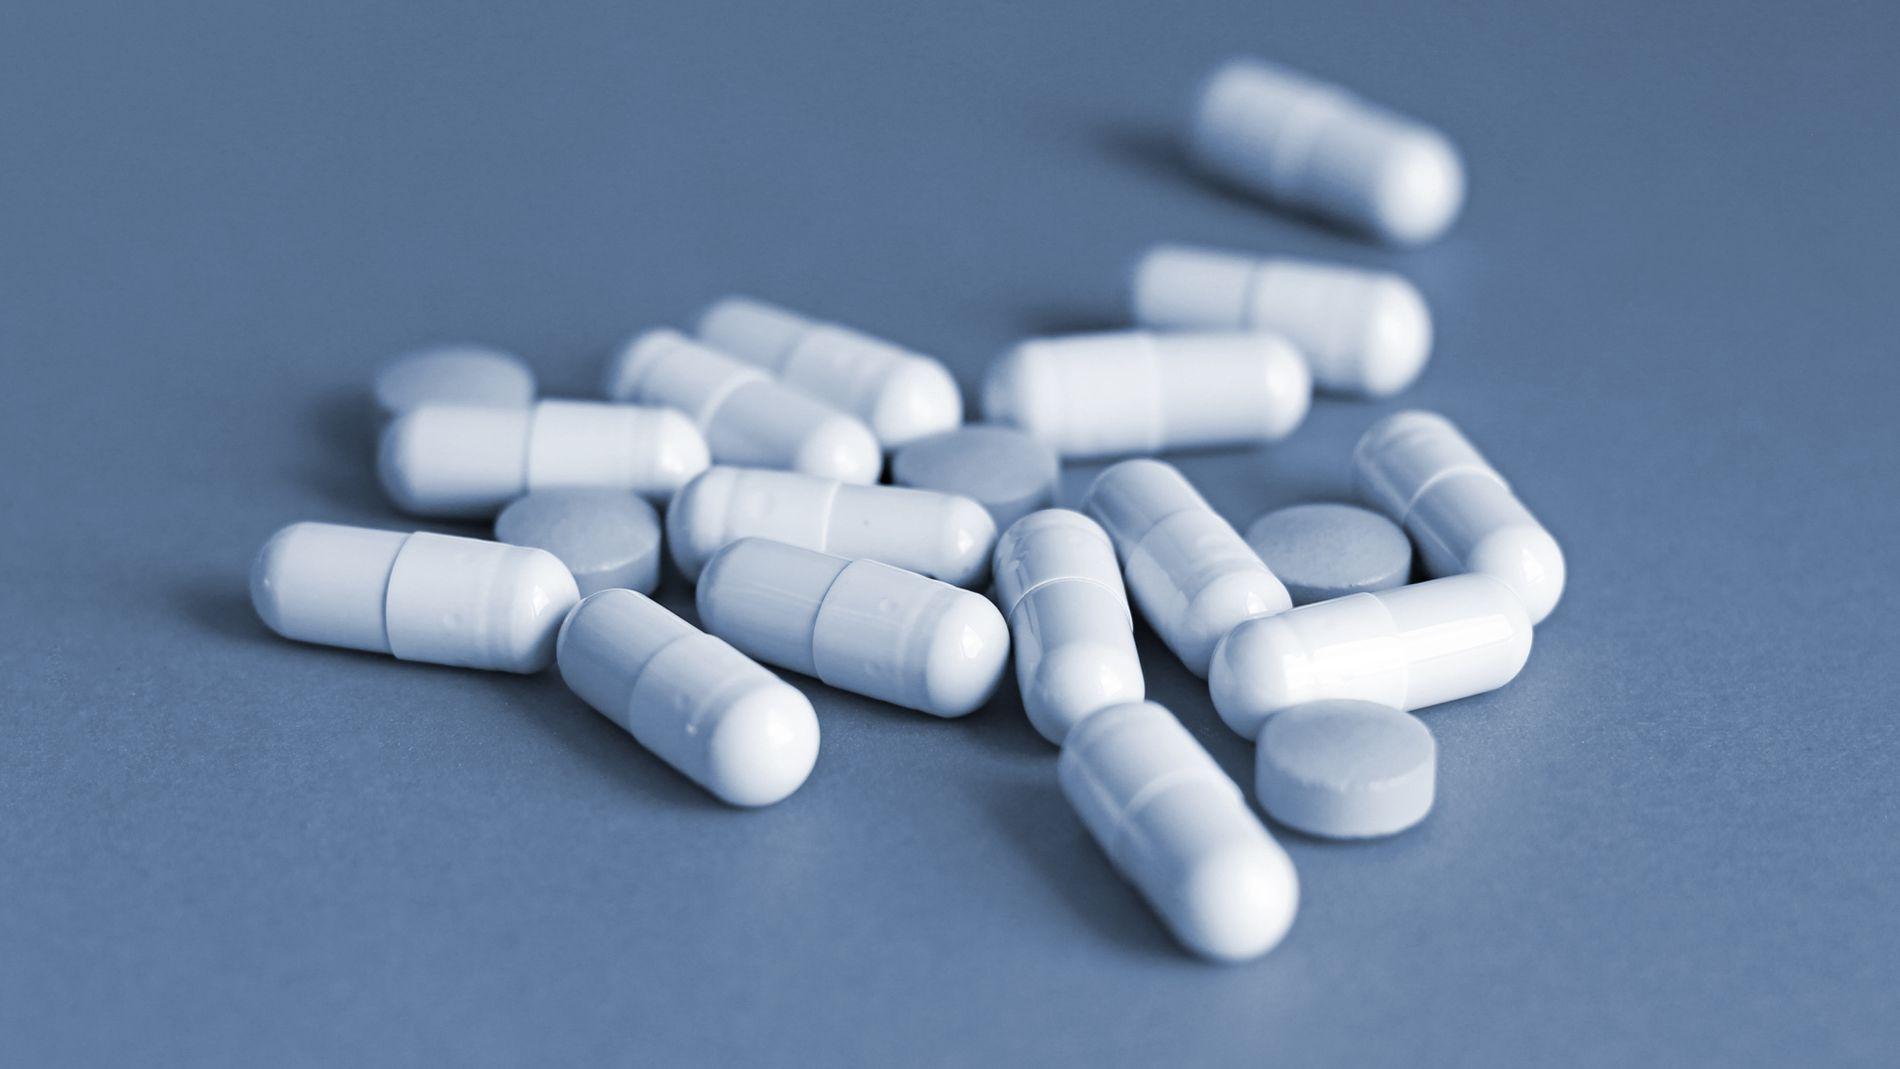 4501f6da Ny forskning: Hvor godt fungerer antidepressiva?